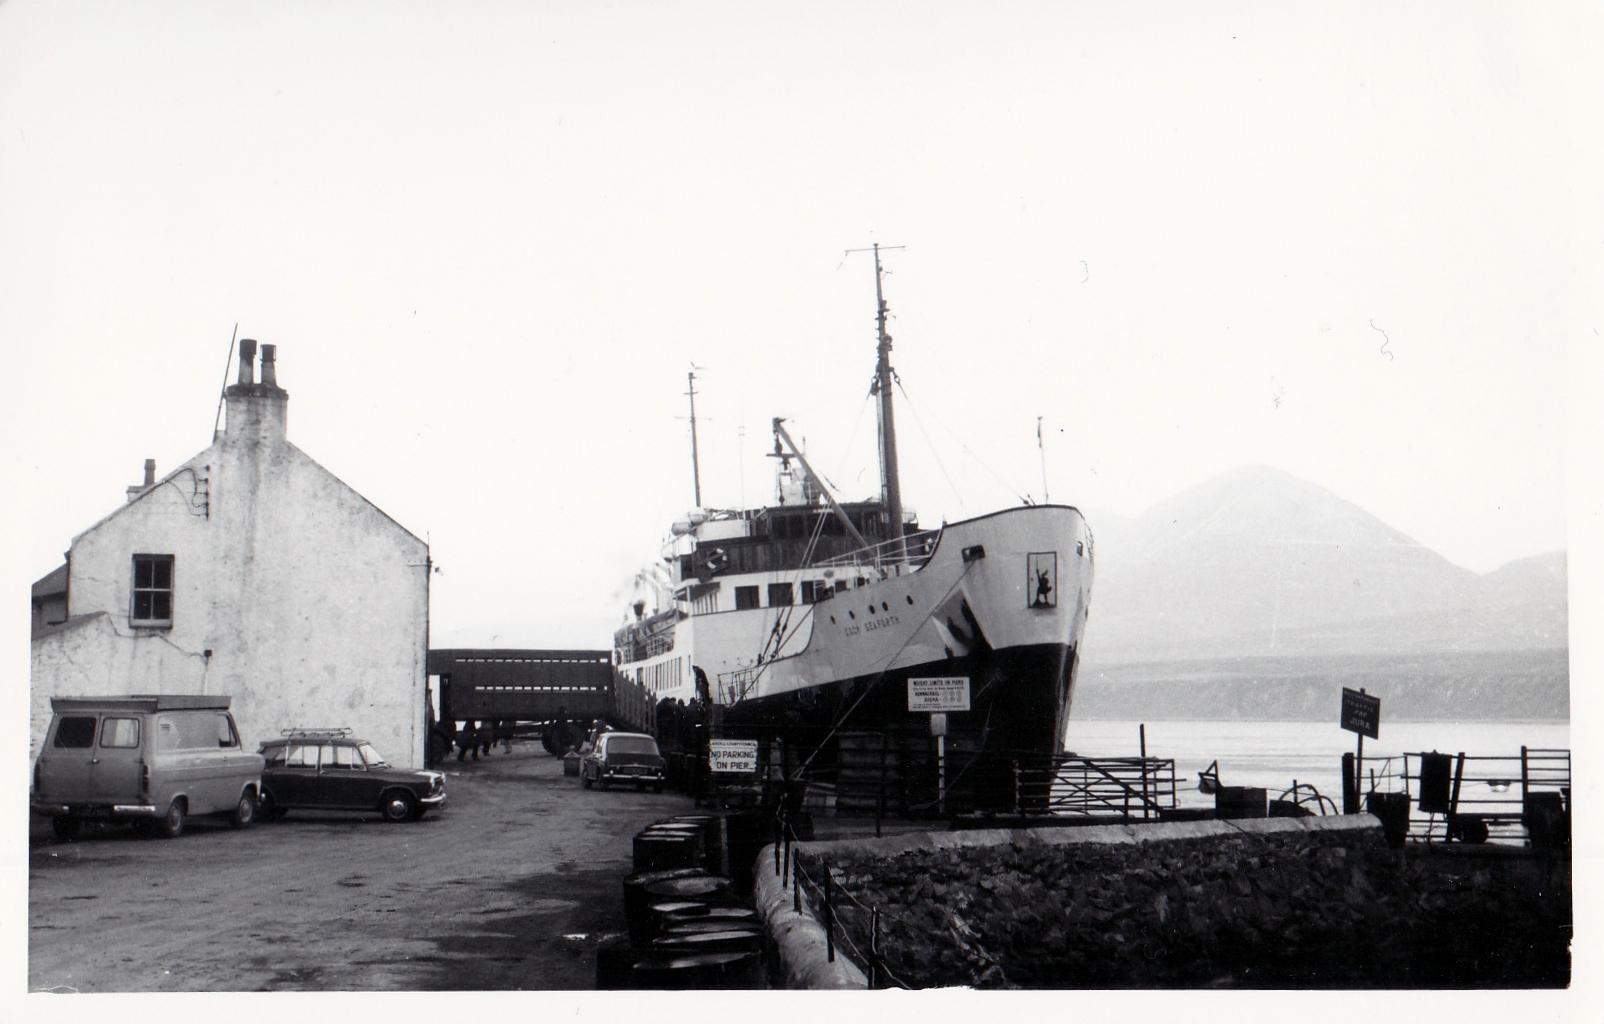 At Port Askaig